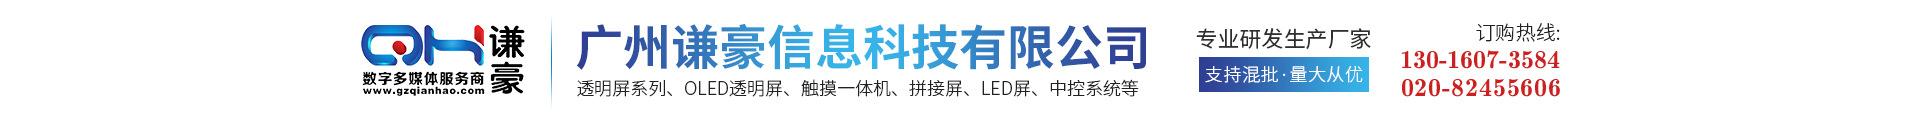 廣州謙豪資訊科技有限公司